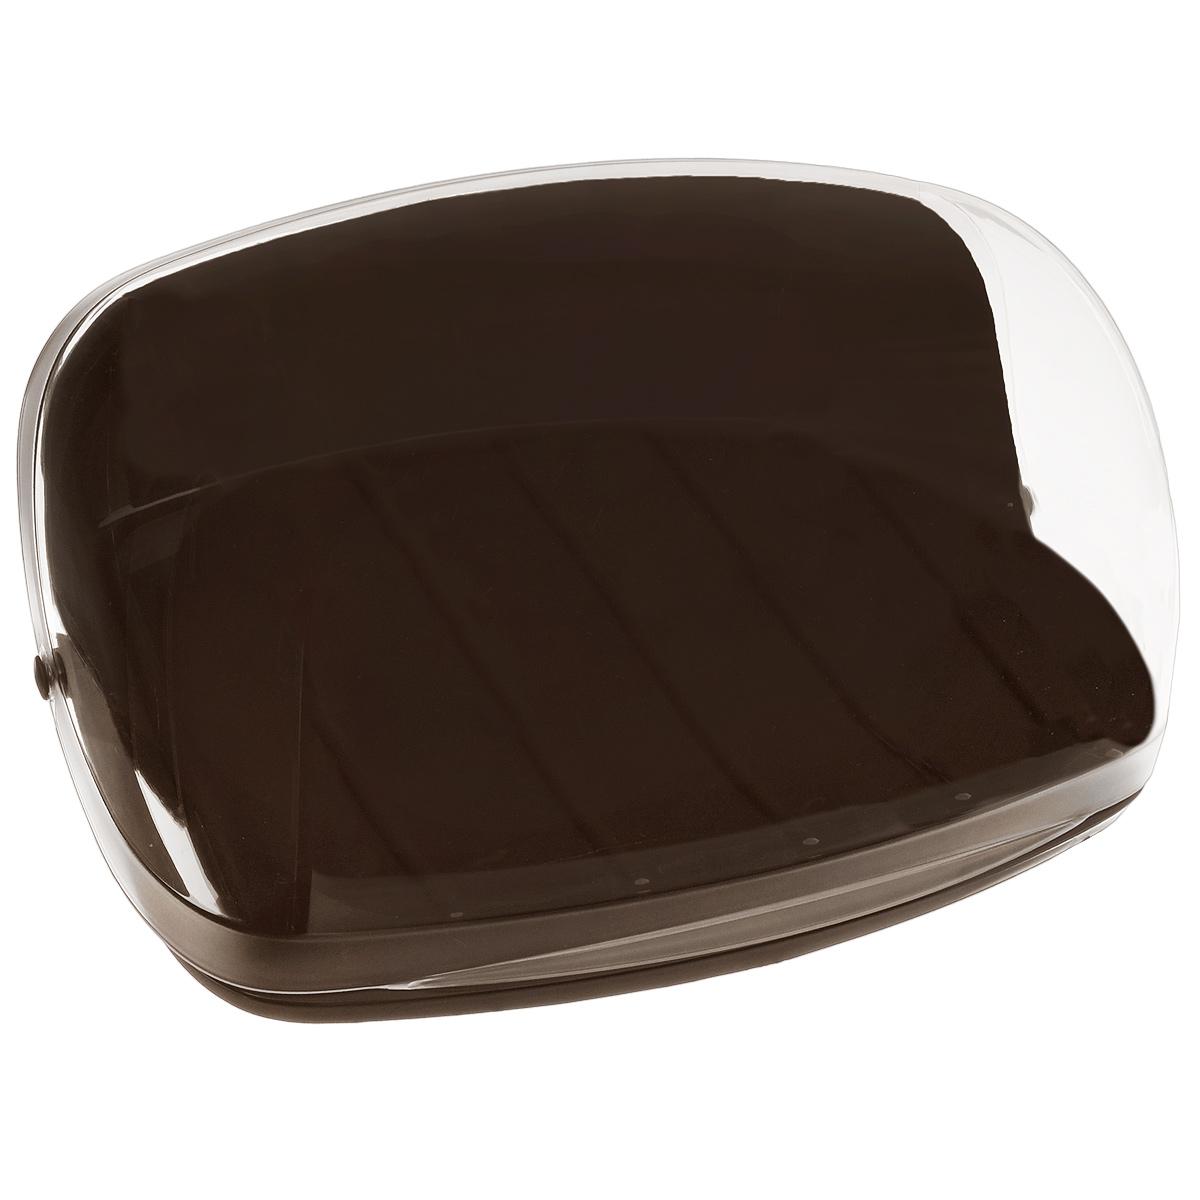 Хлебница Idea, цвет: коричневый, прозрачный, 31 х 24,5 х 14 смМ 1180Хлебница Idea изготовлена из пищевого пластика и оснащена прозрачной крышкой, позволяющей видеть содержимое. Вместительность, функциональность и стильный дизайн позволят хлебнице стать не только незаменимым аксессуаром на кухне, но и предметом украшения интерьера. В ней хлеб всегда останется свежим и вкусным.